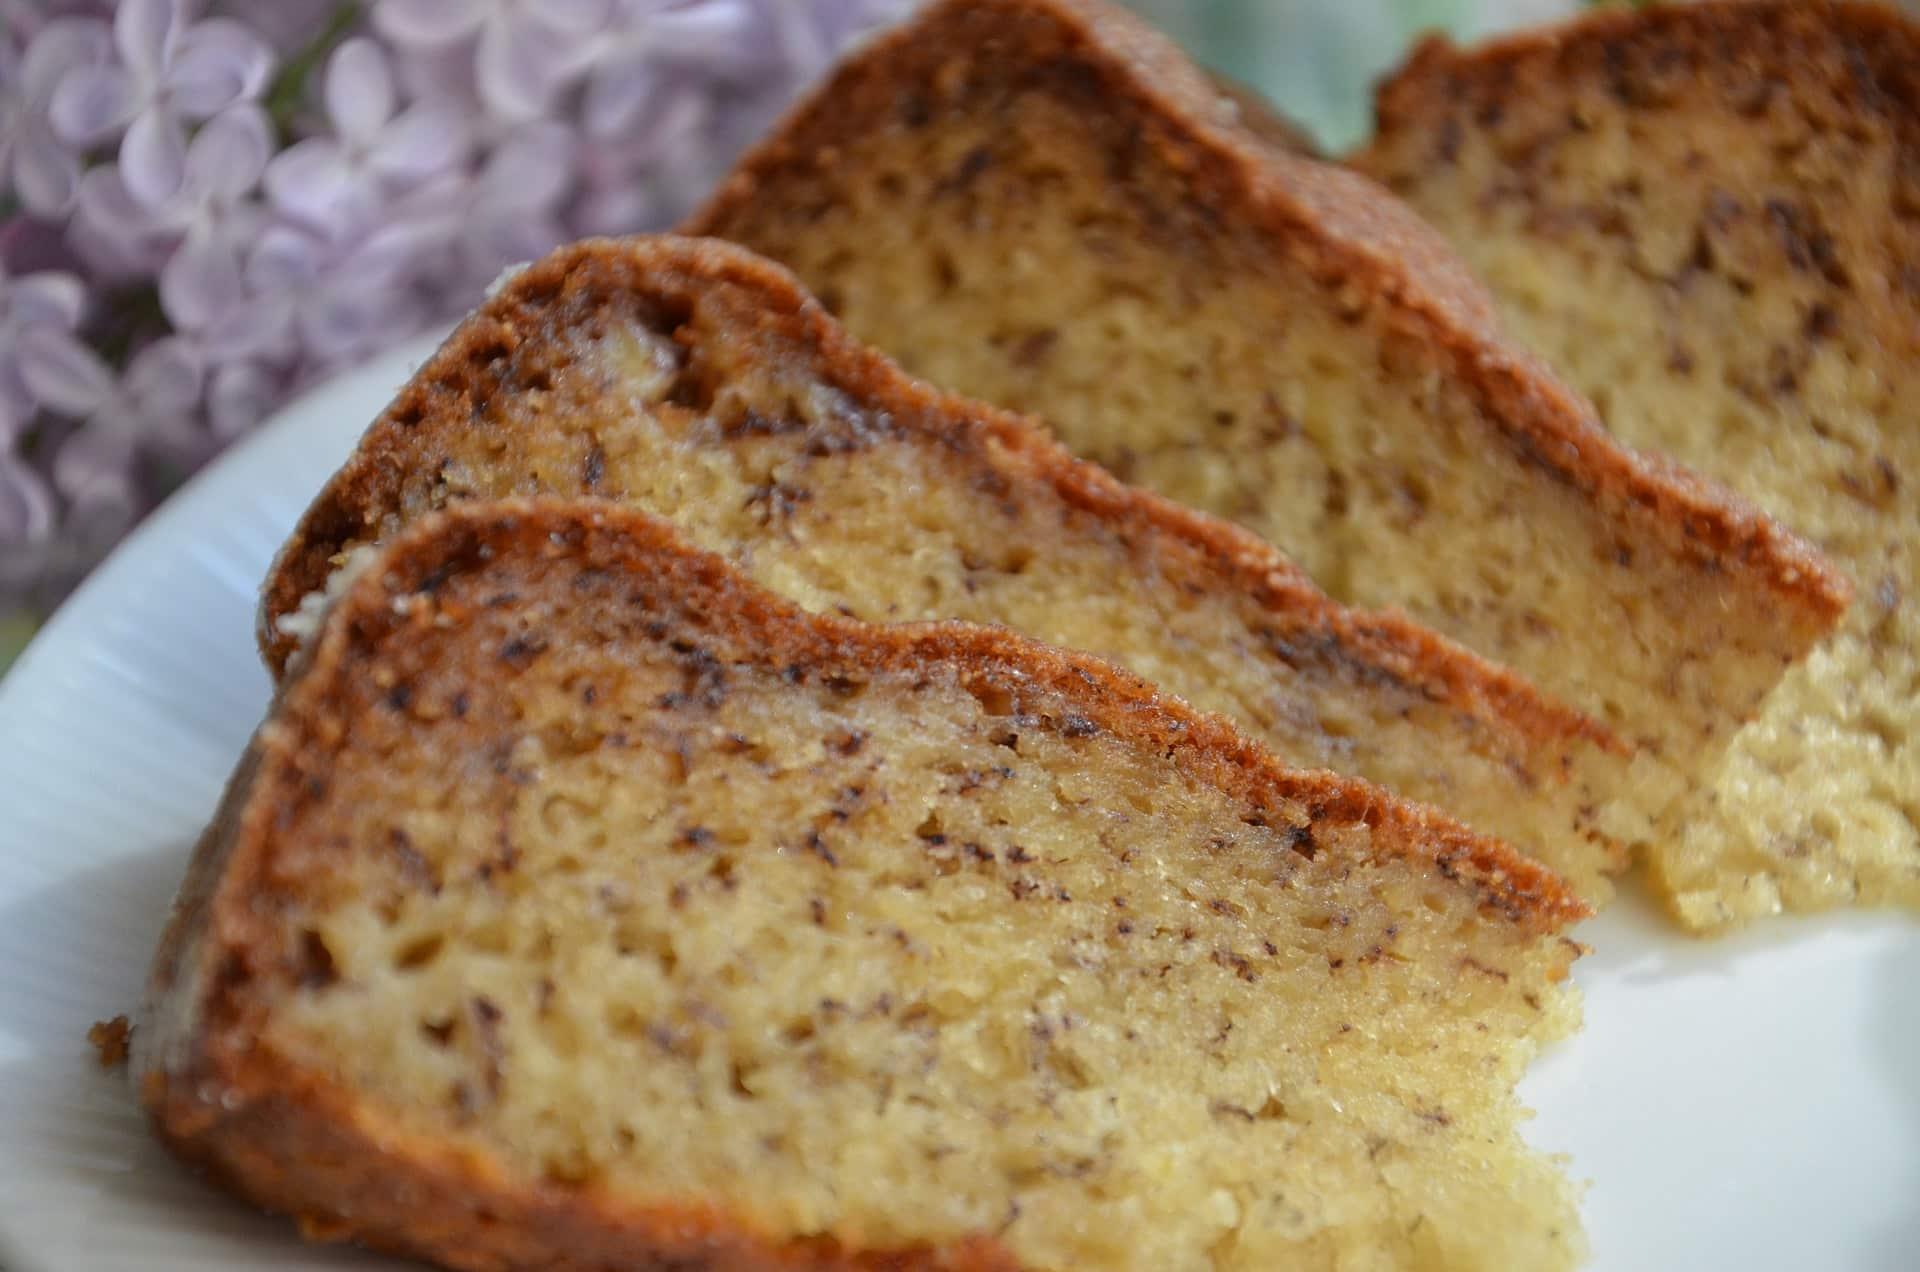 szybkie ciasto bananowe przepis